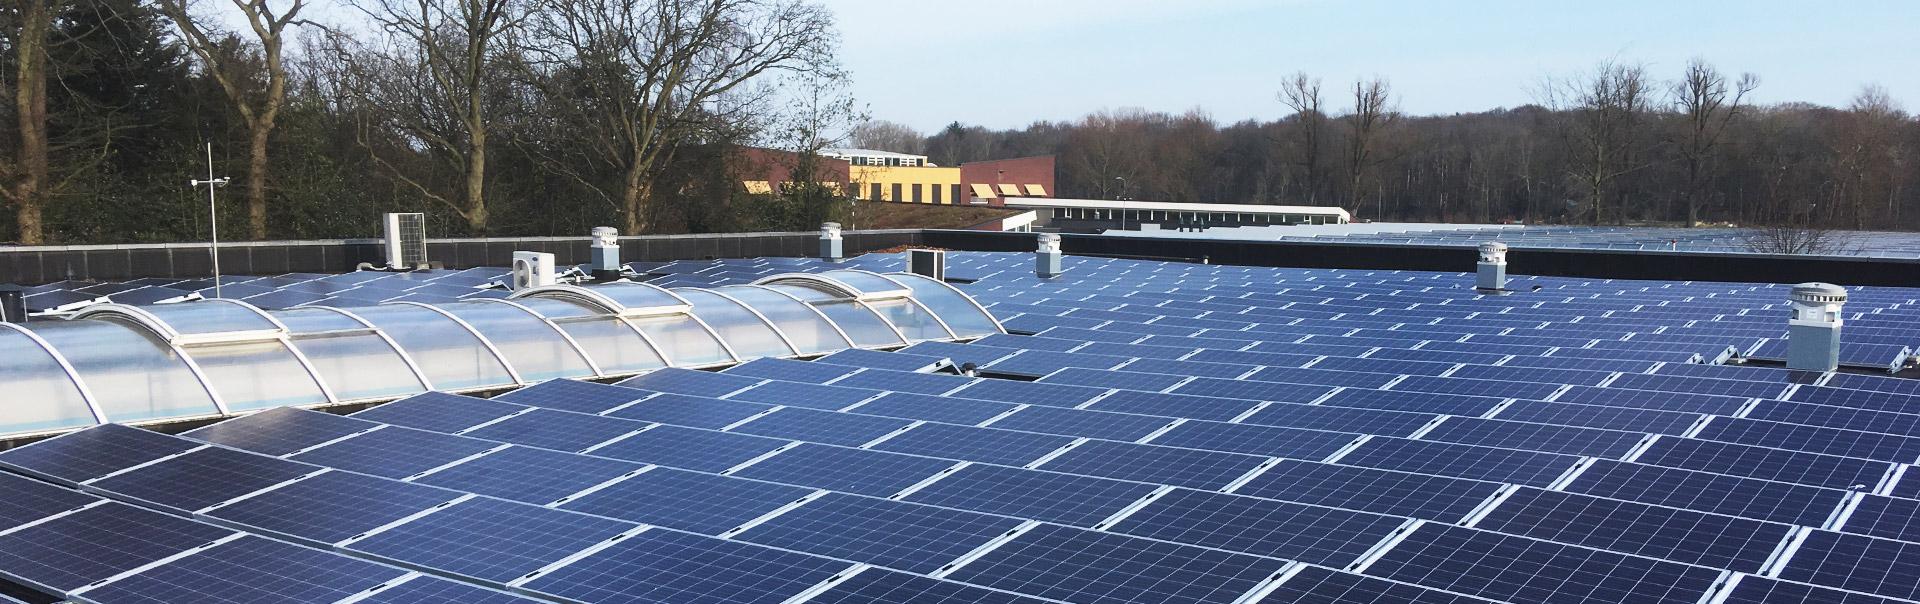 Stichting Zorgbalans, T.M.C. Asser Instituut en GGZ Noord-Holland-Noord vergroenen met in totaal 697 zonnepanelen